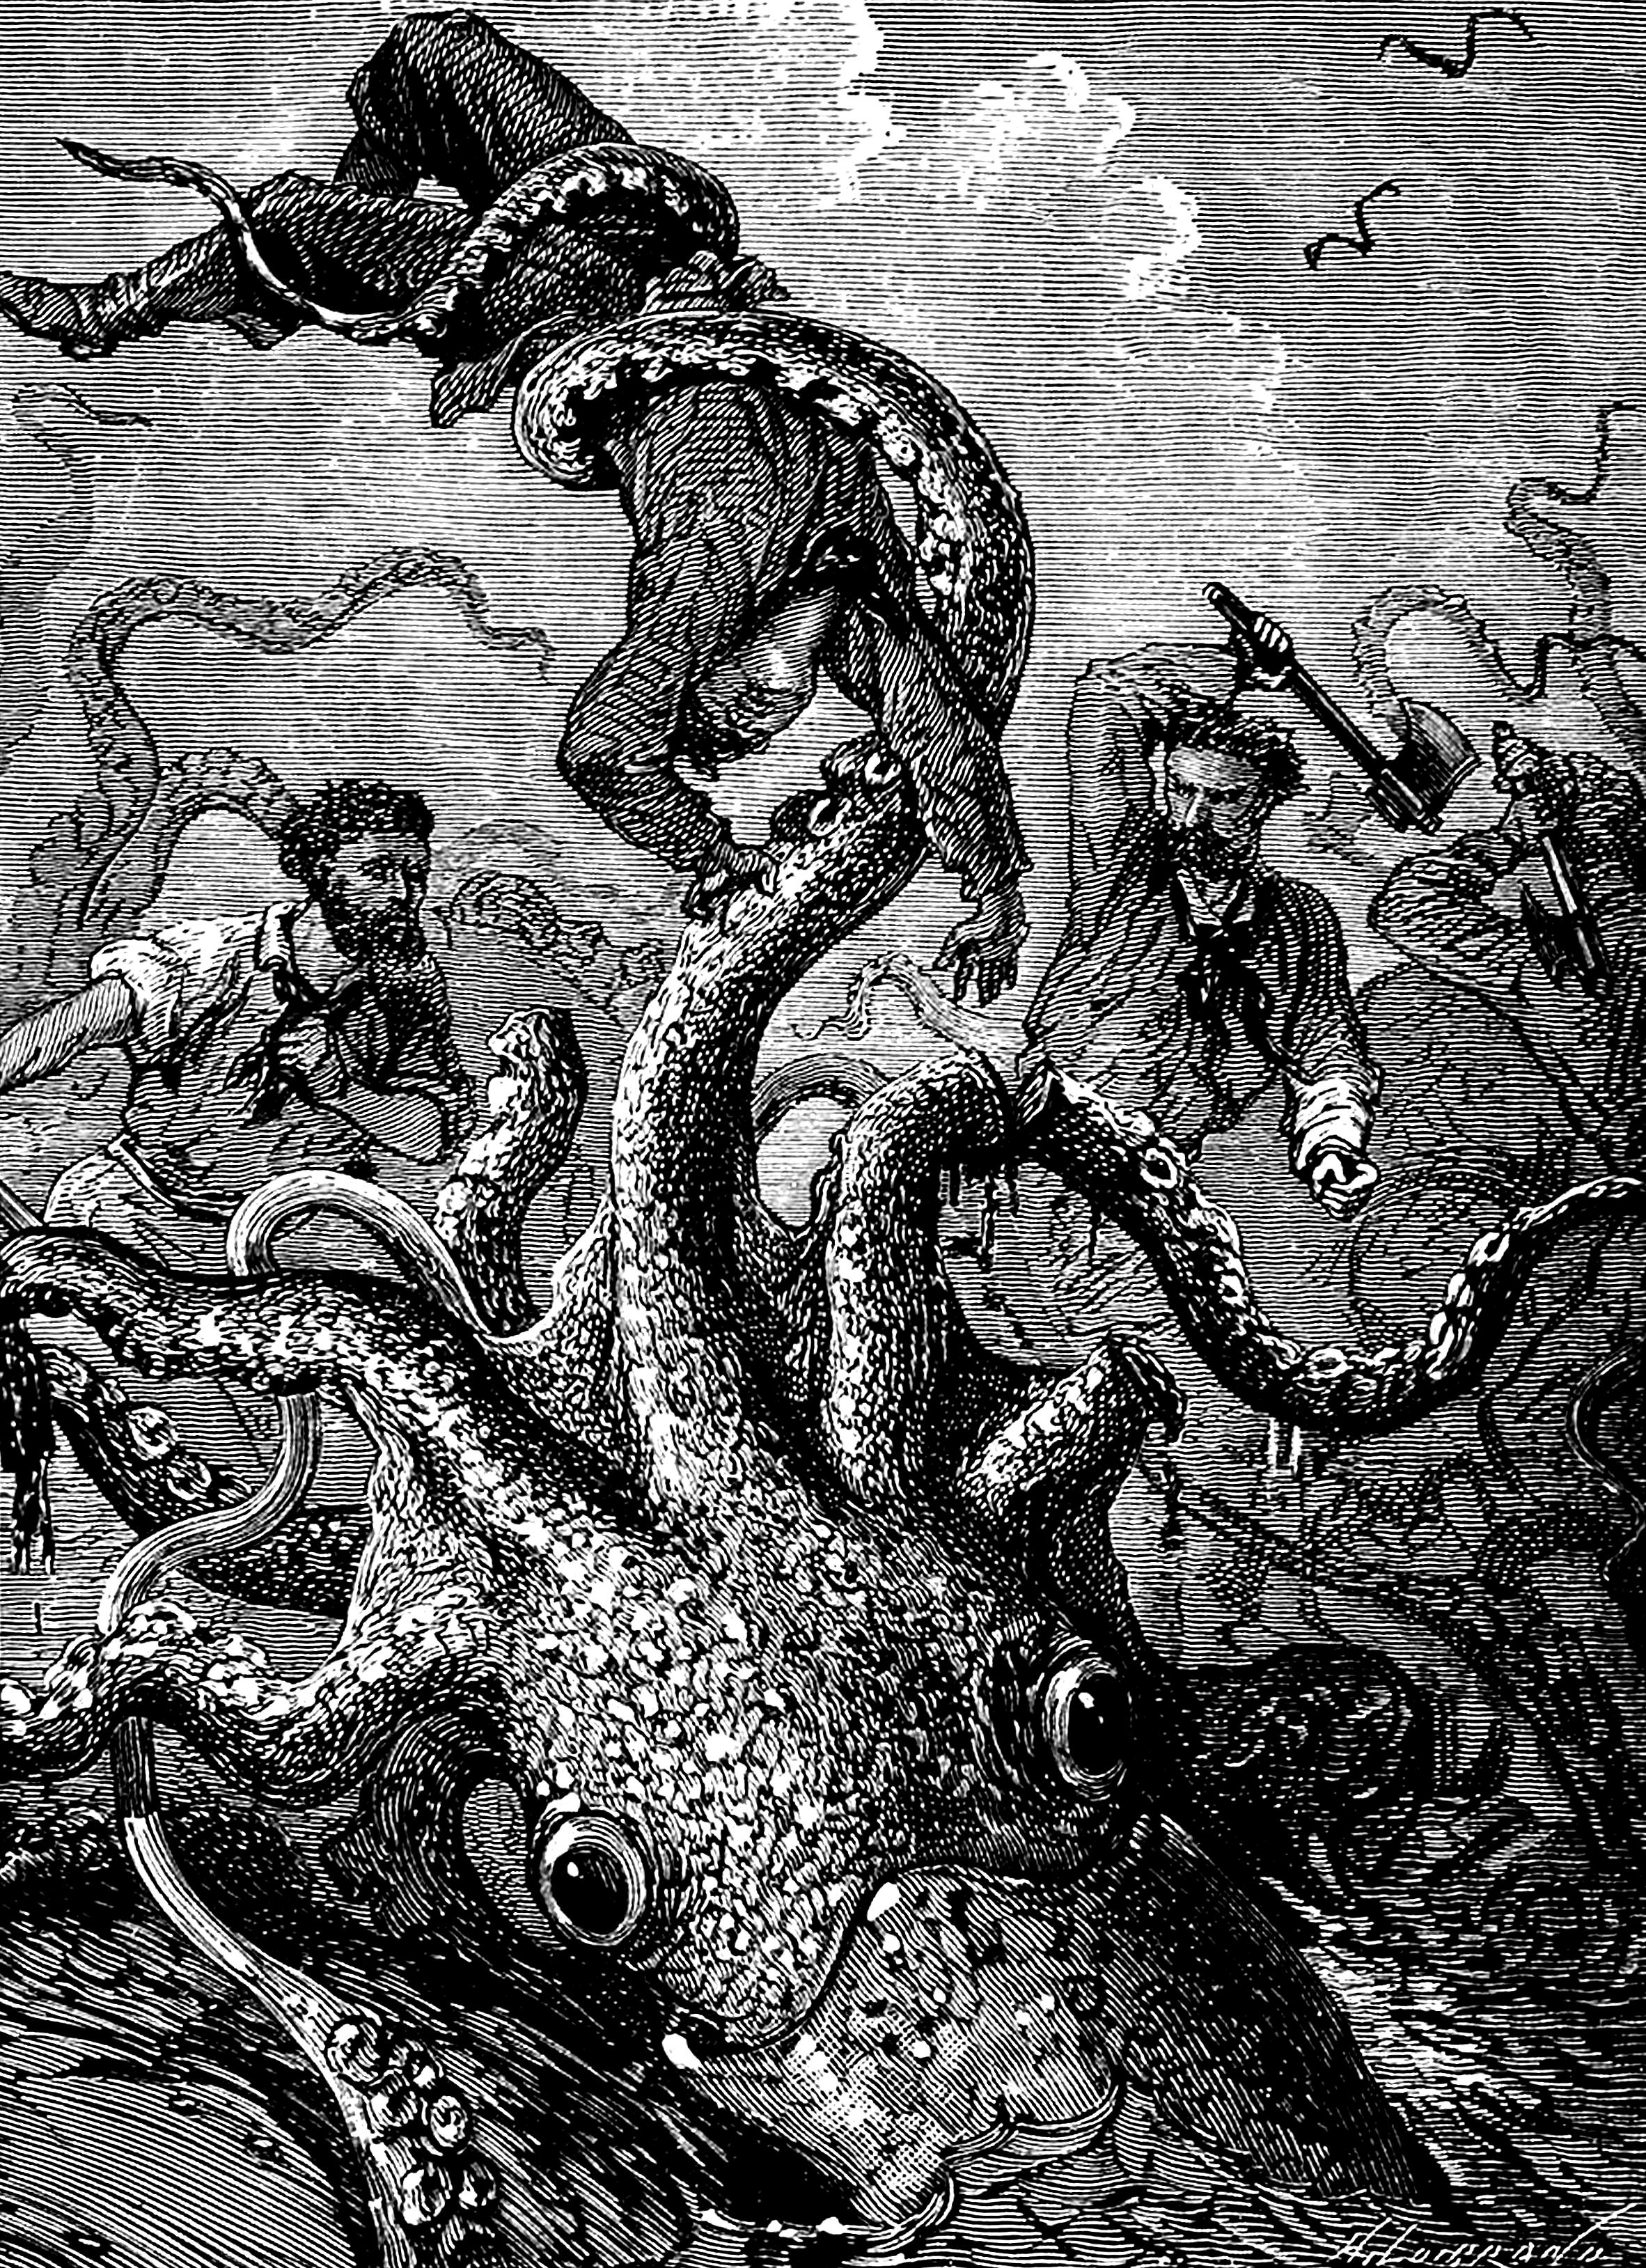 Kraken (mythology)